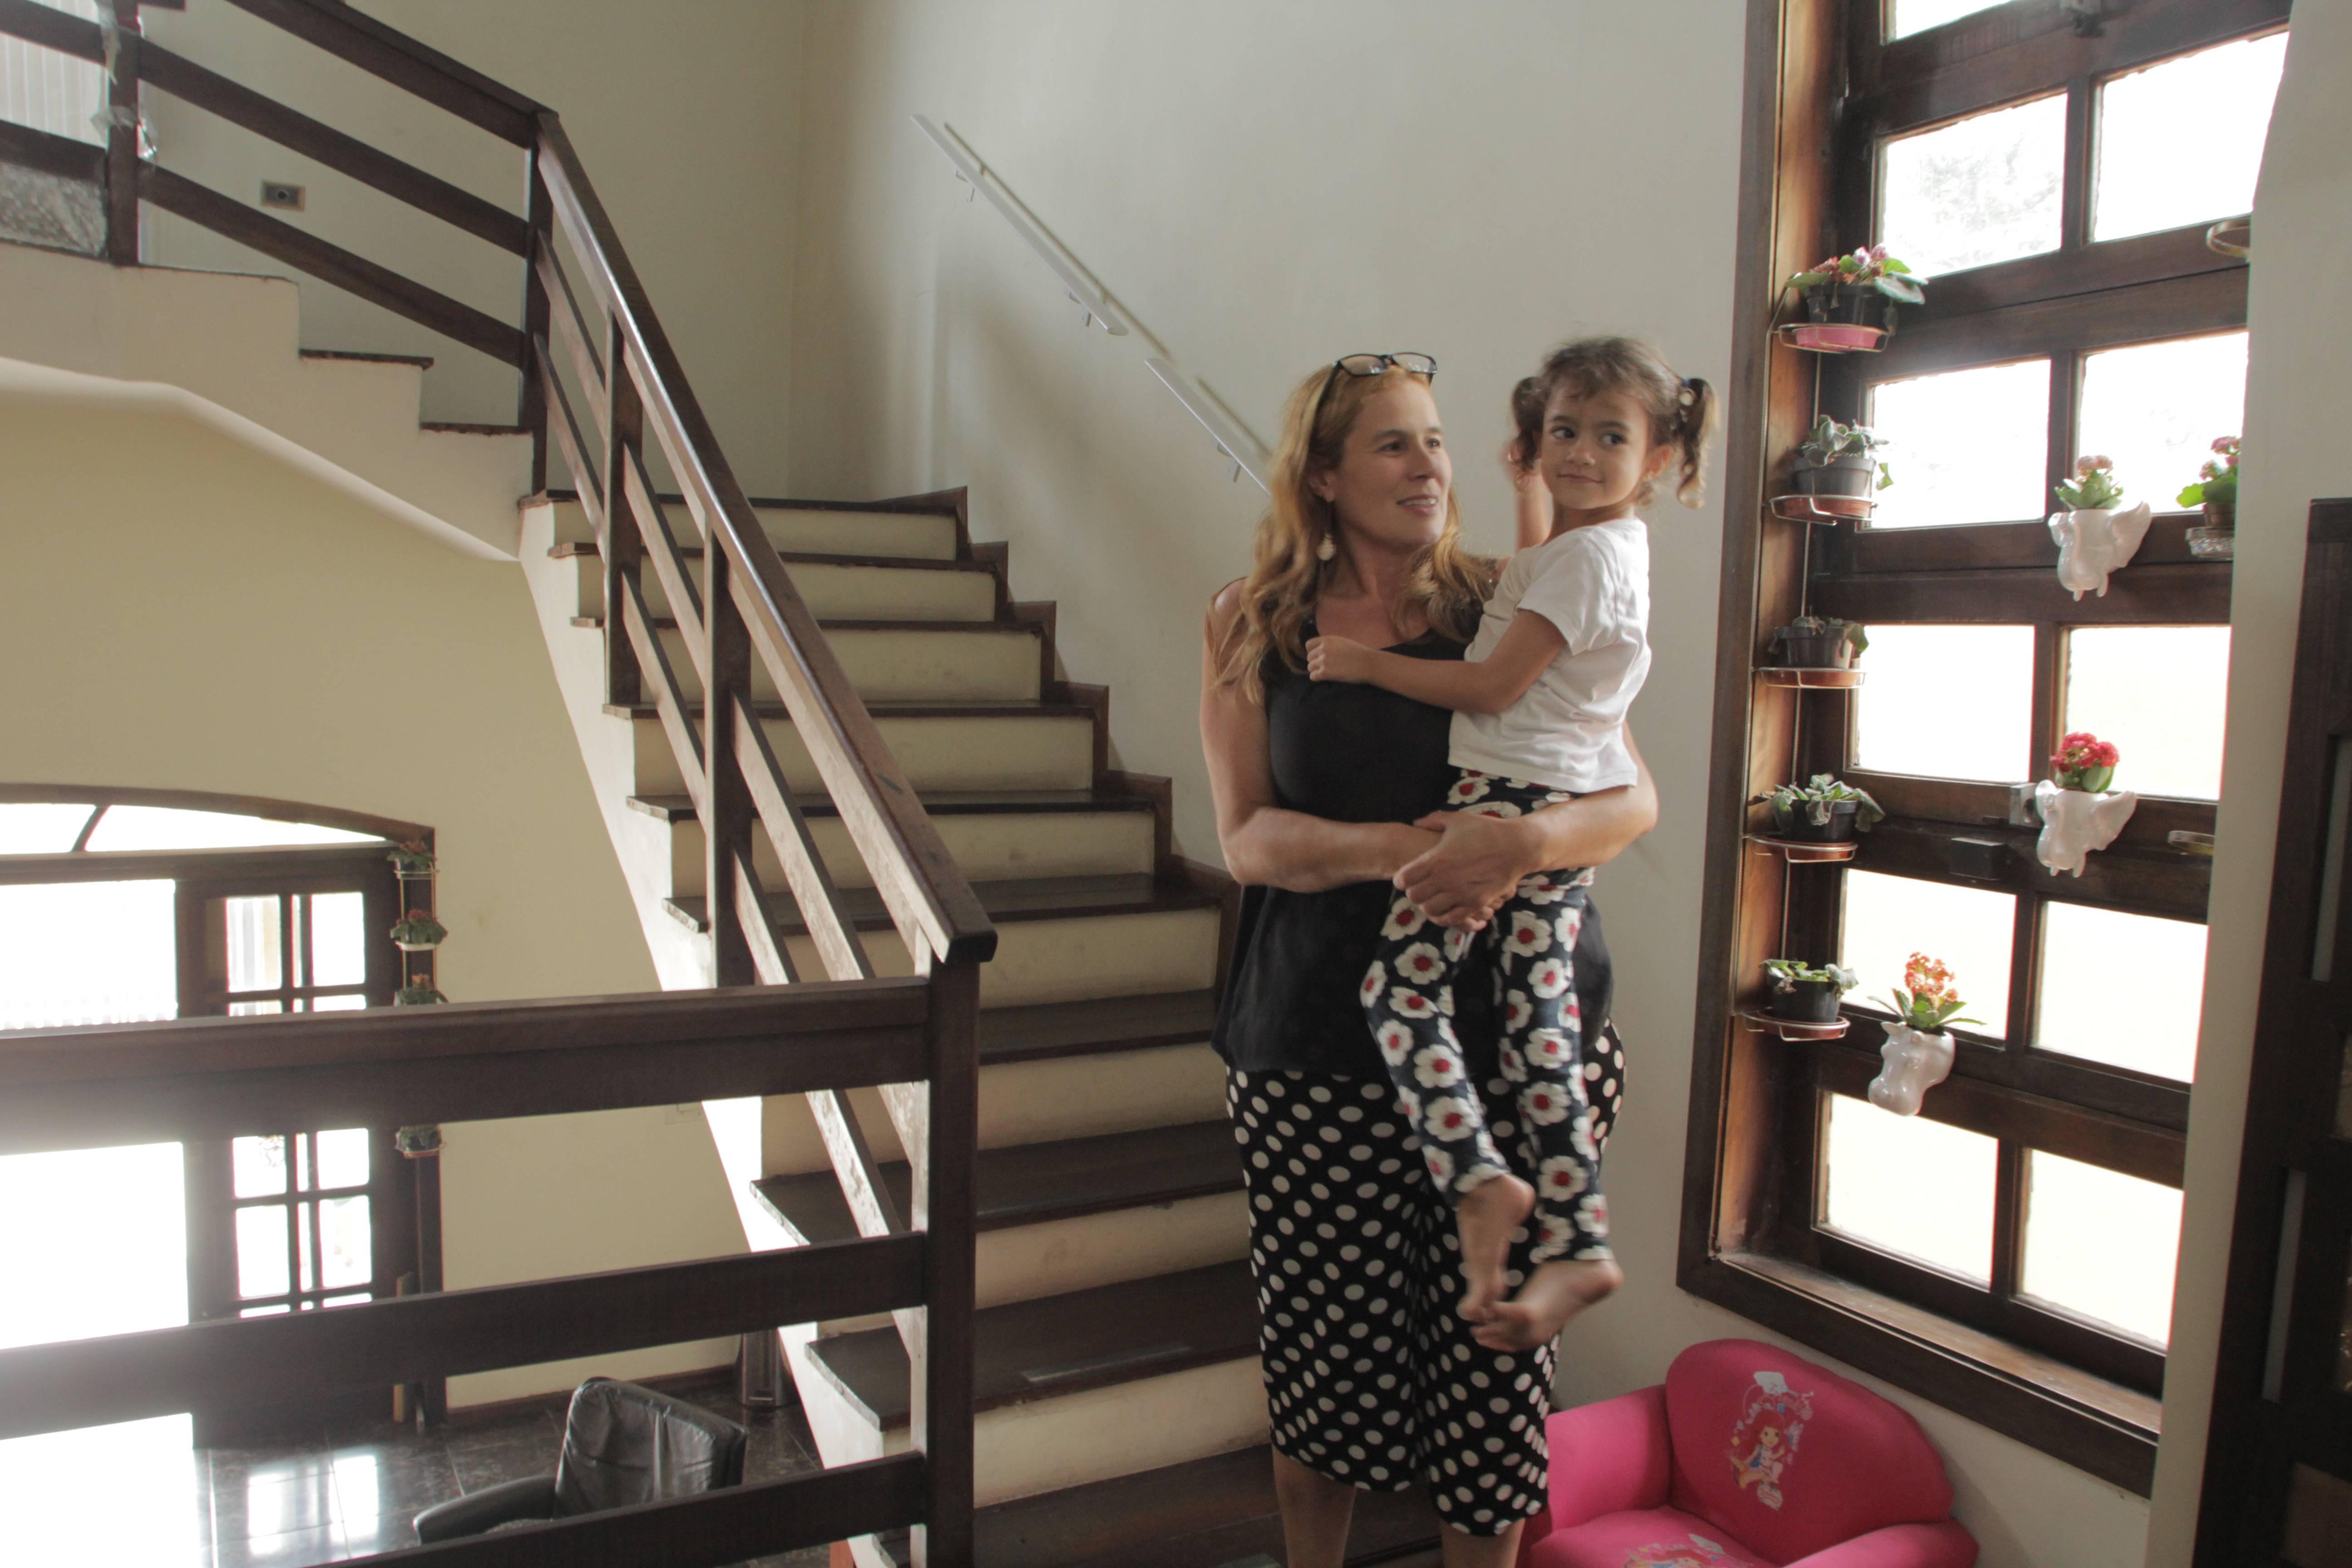 Com a filha Maria Clara, de 4 anos, Kelly se mudou para Matinhos, no Litoral do Paraná, para melhorar os cuidados com a própria saúde Foto: Amanda Milléo / Gazeta do Povo